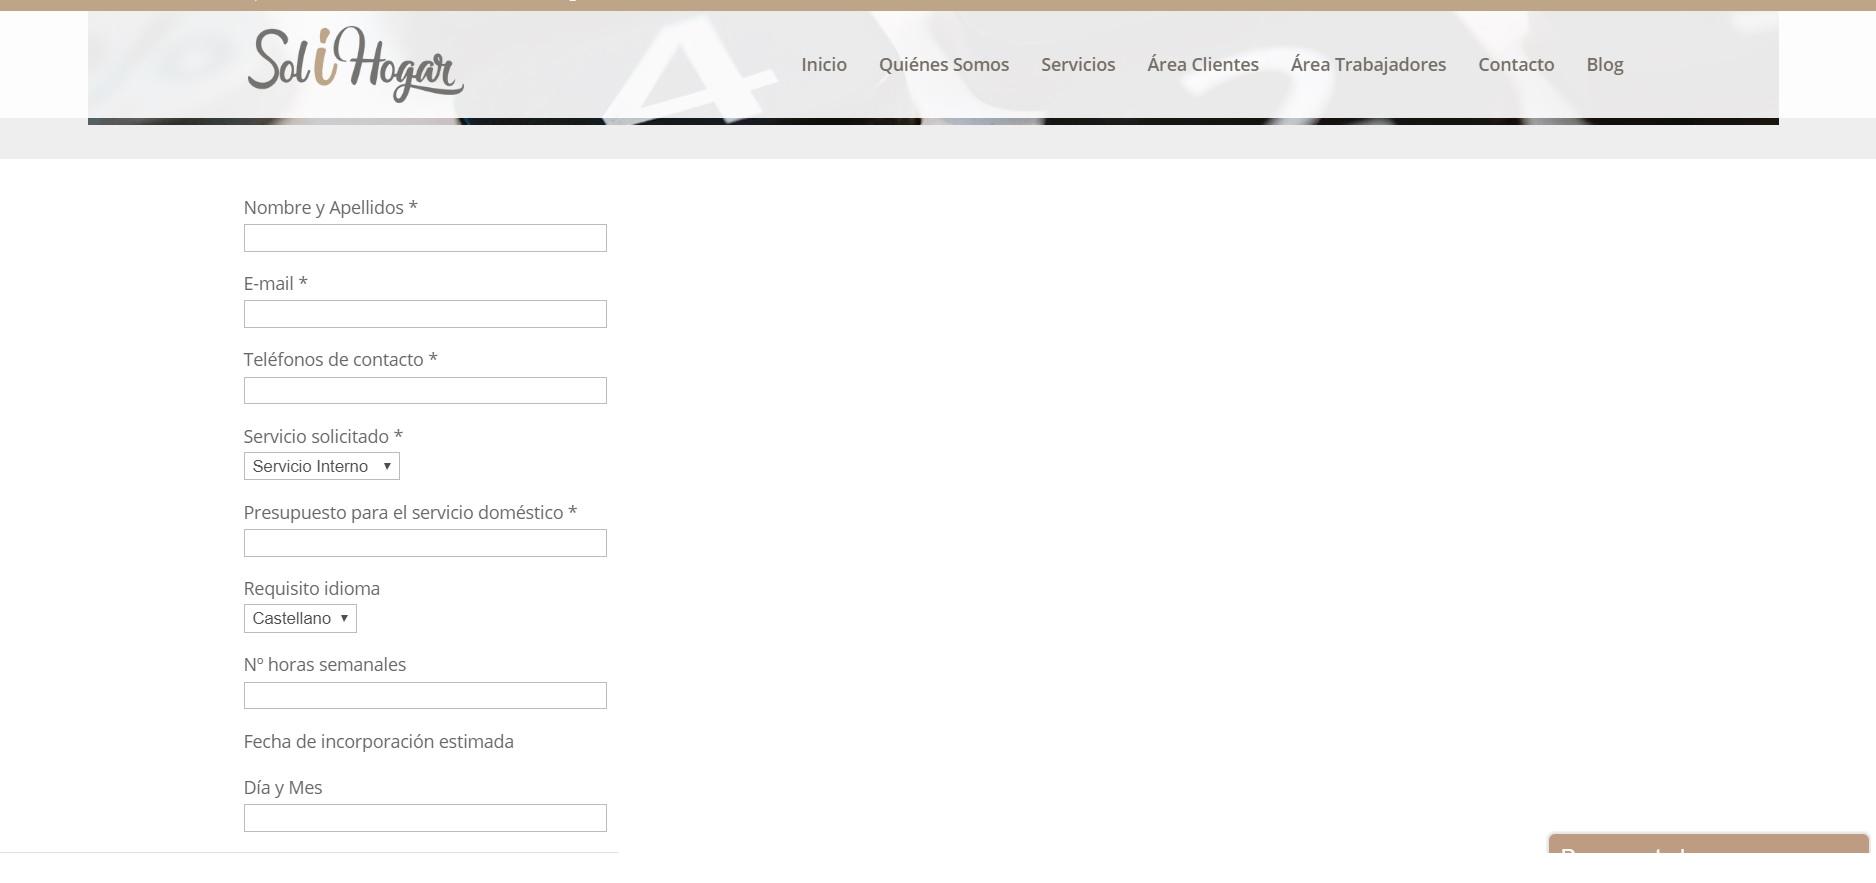 Crear página web Solihogar Servicio Doméstico - SEO